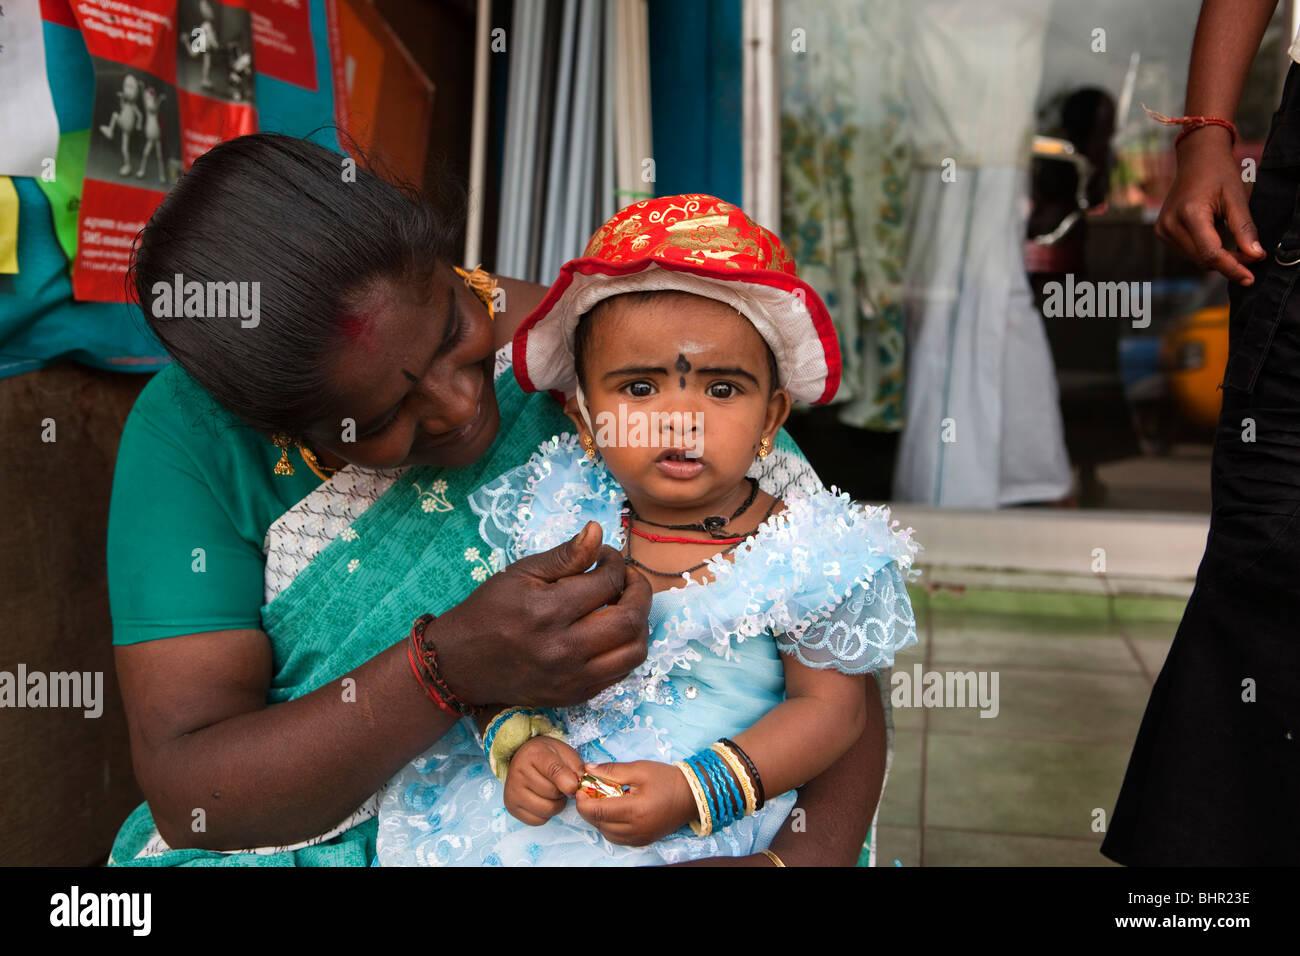 Baby Malayali Images: Baby Girl Kerala Stock Photos & Baby Girl Kerala Stock